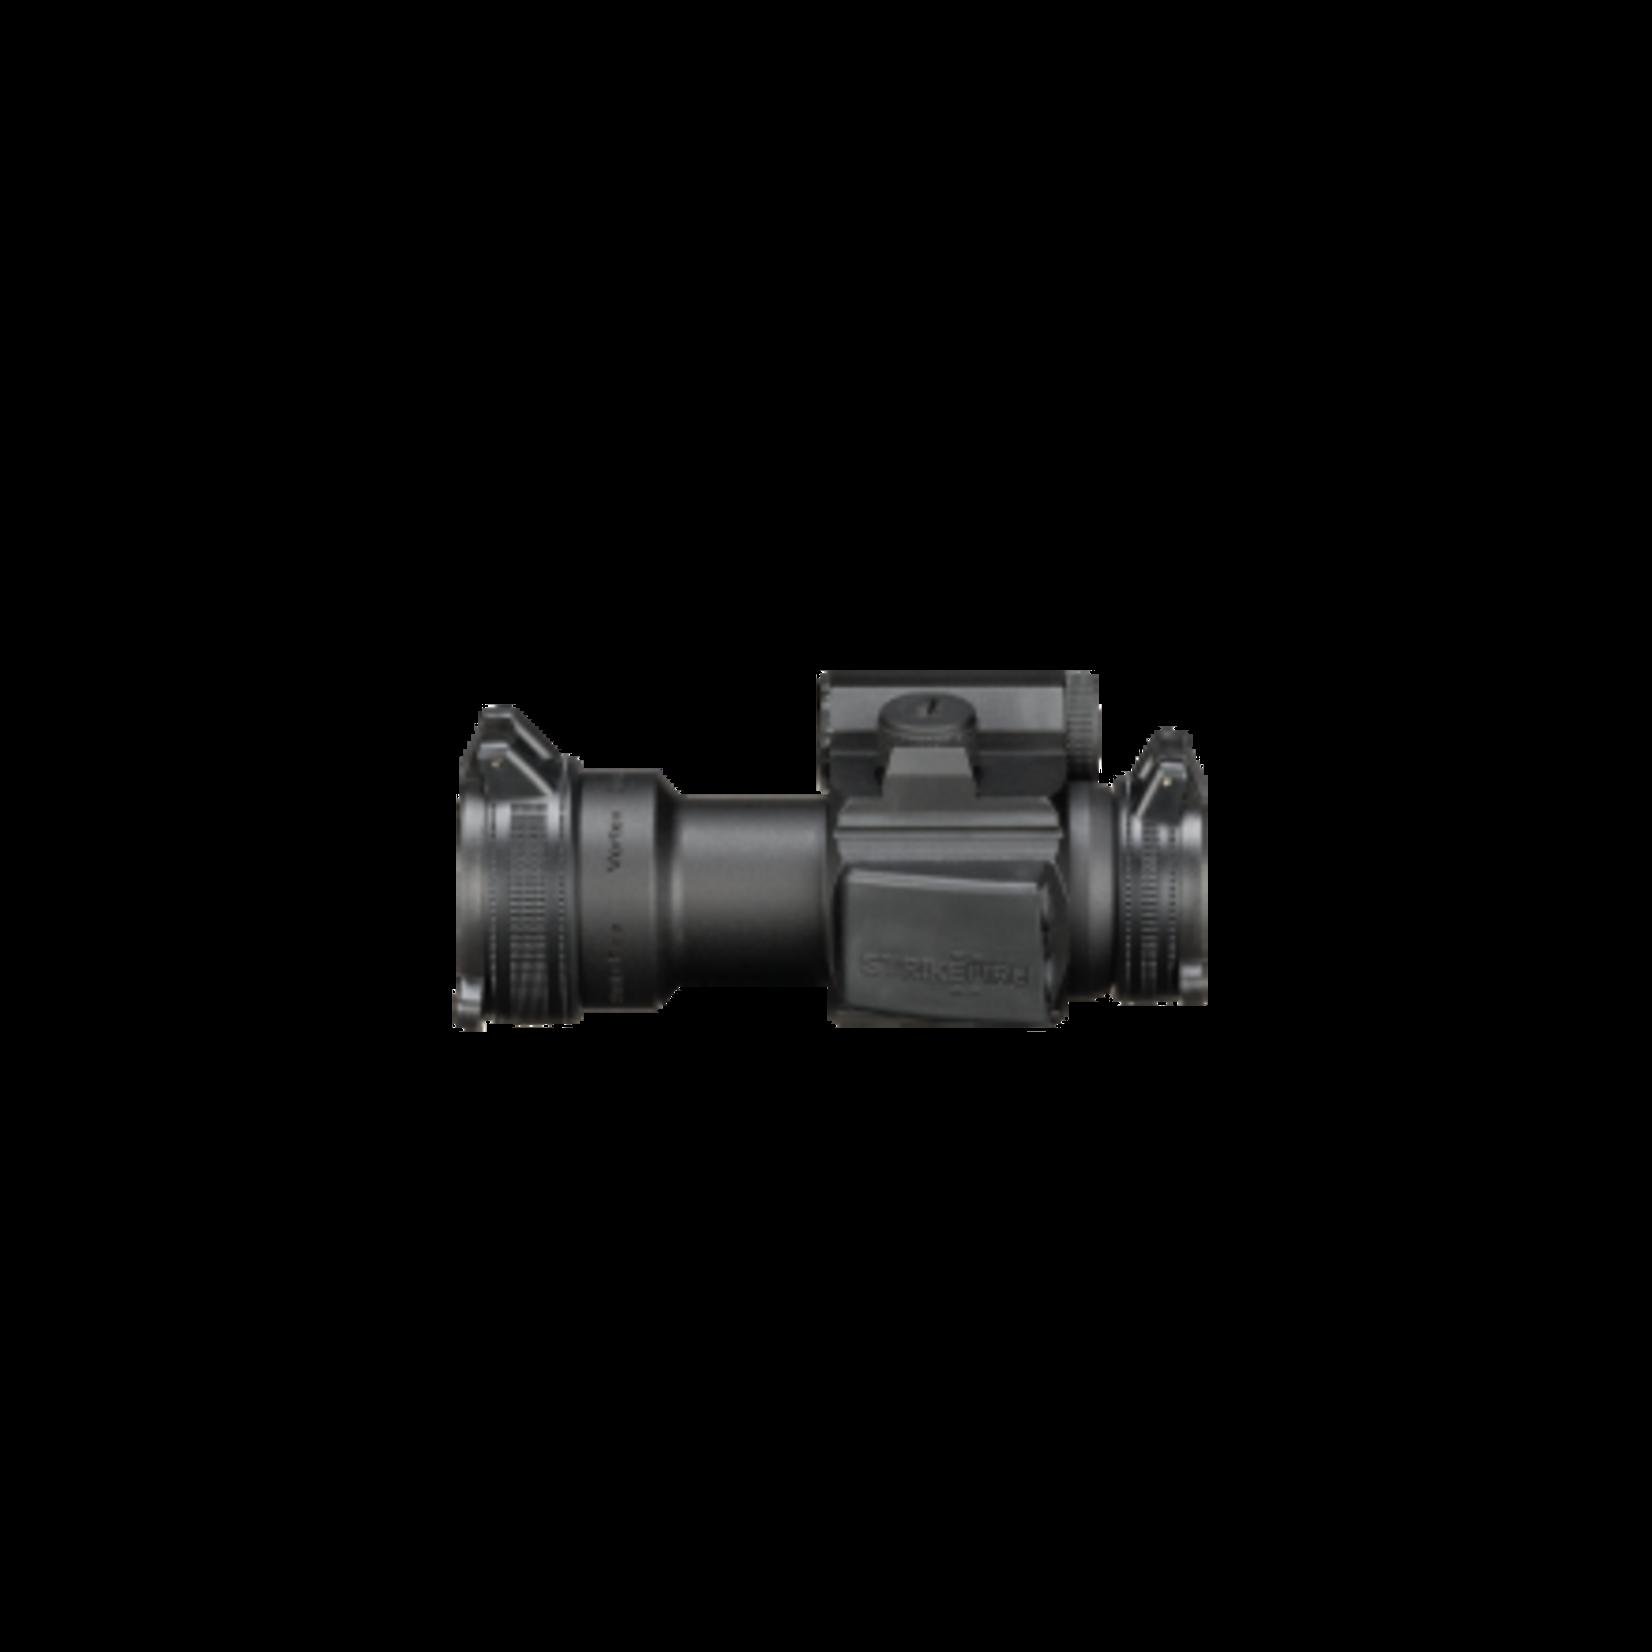 VORTEX Vortex Strikefire II Red Dot (SF-RG-501)